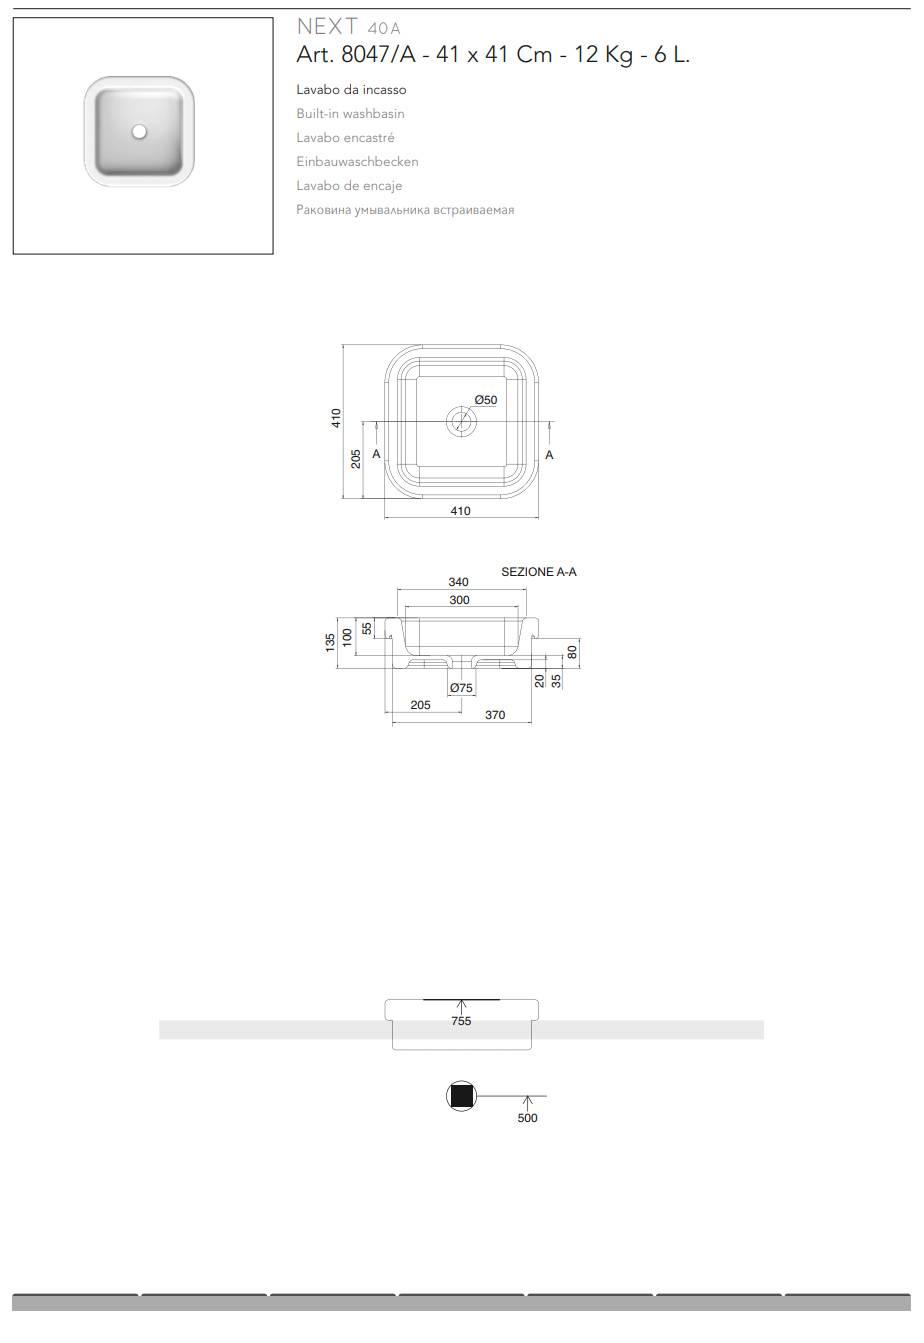 fiche technique-LAVABO-ENCASTRÉ-scarabeo-next-40a